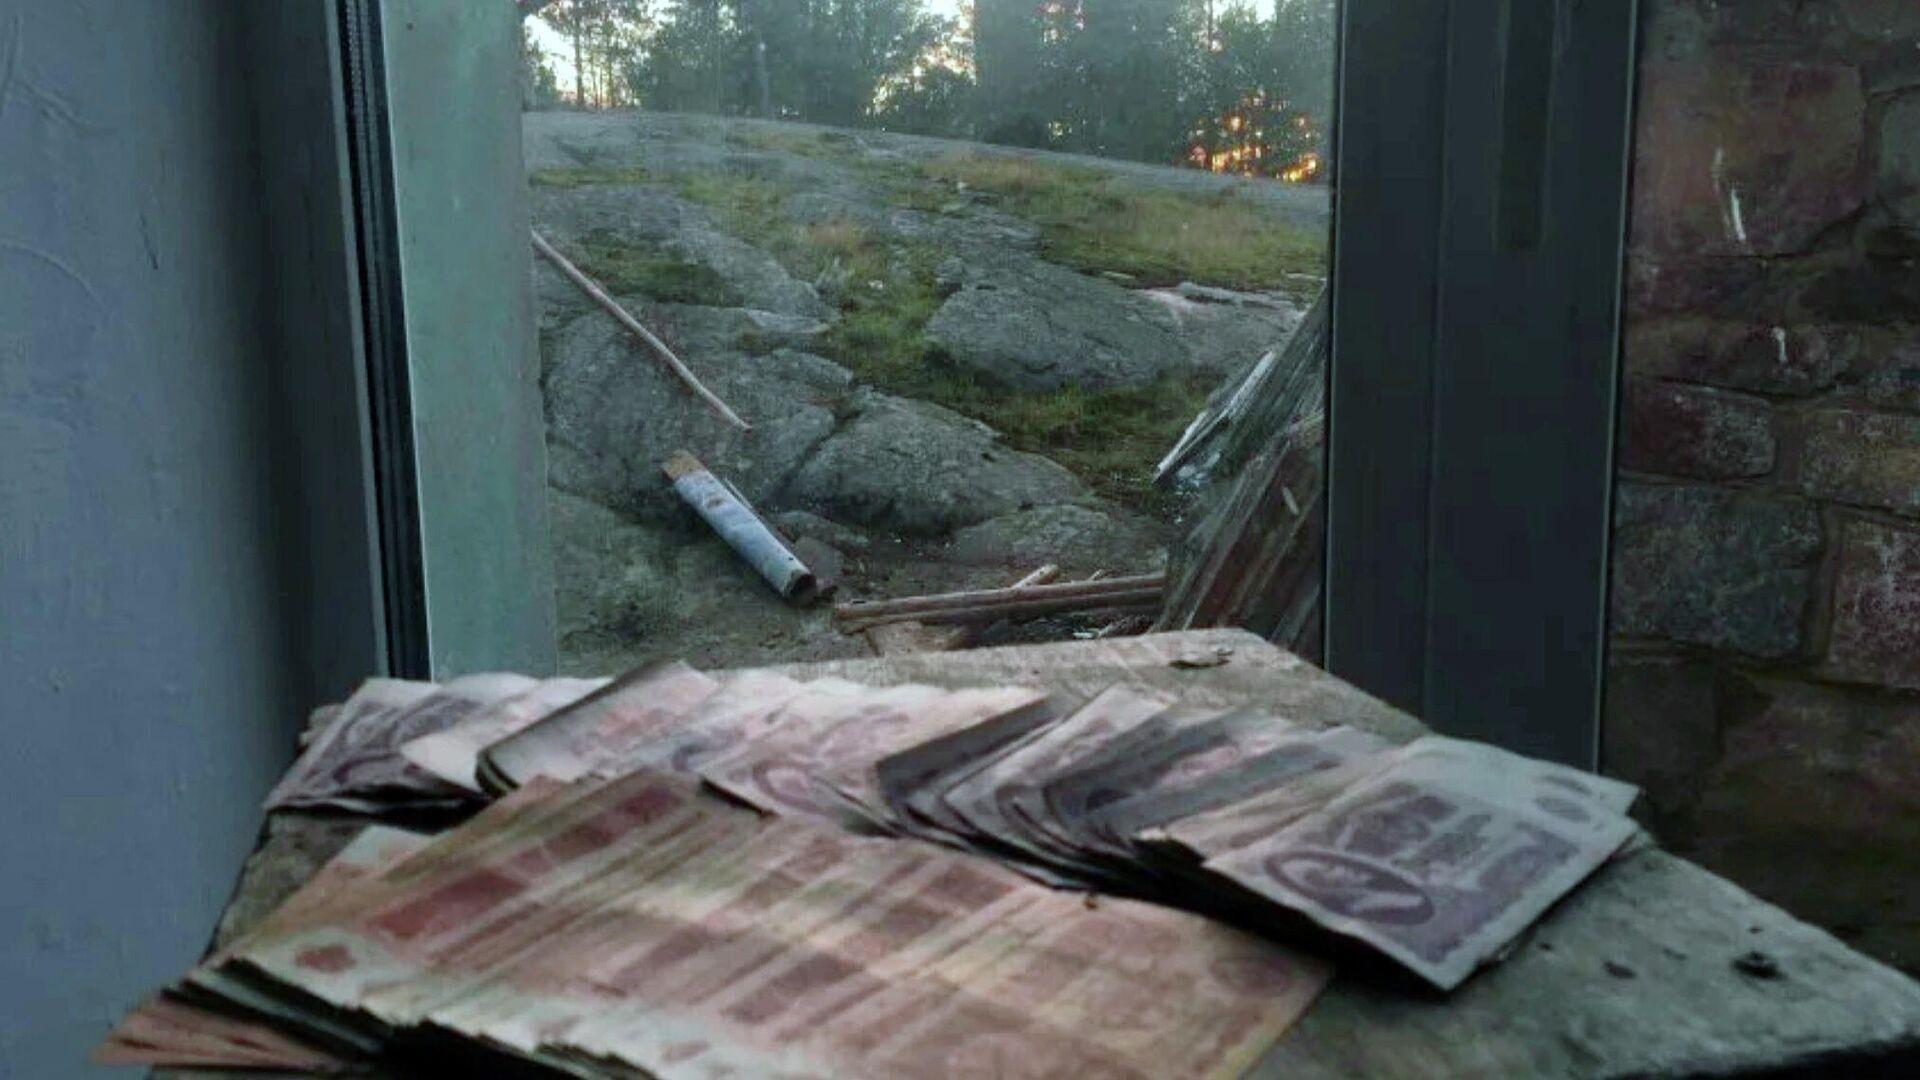 Банкноты Государственного банка СССР, найденные возле маяка на острове Большой Тютерс в Ленинградской области - РИА Новости, 1920, 14.12.2020